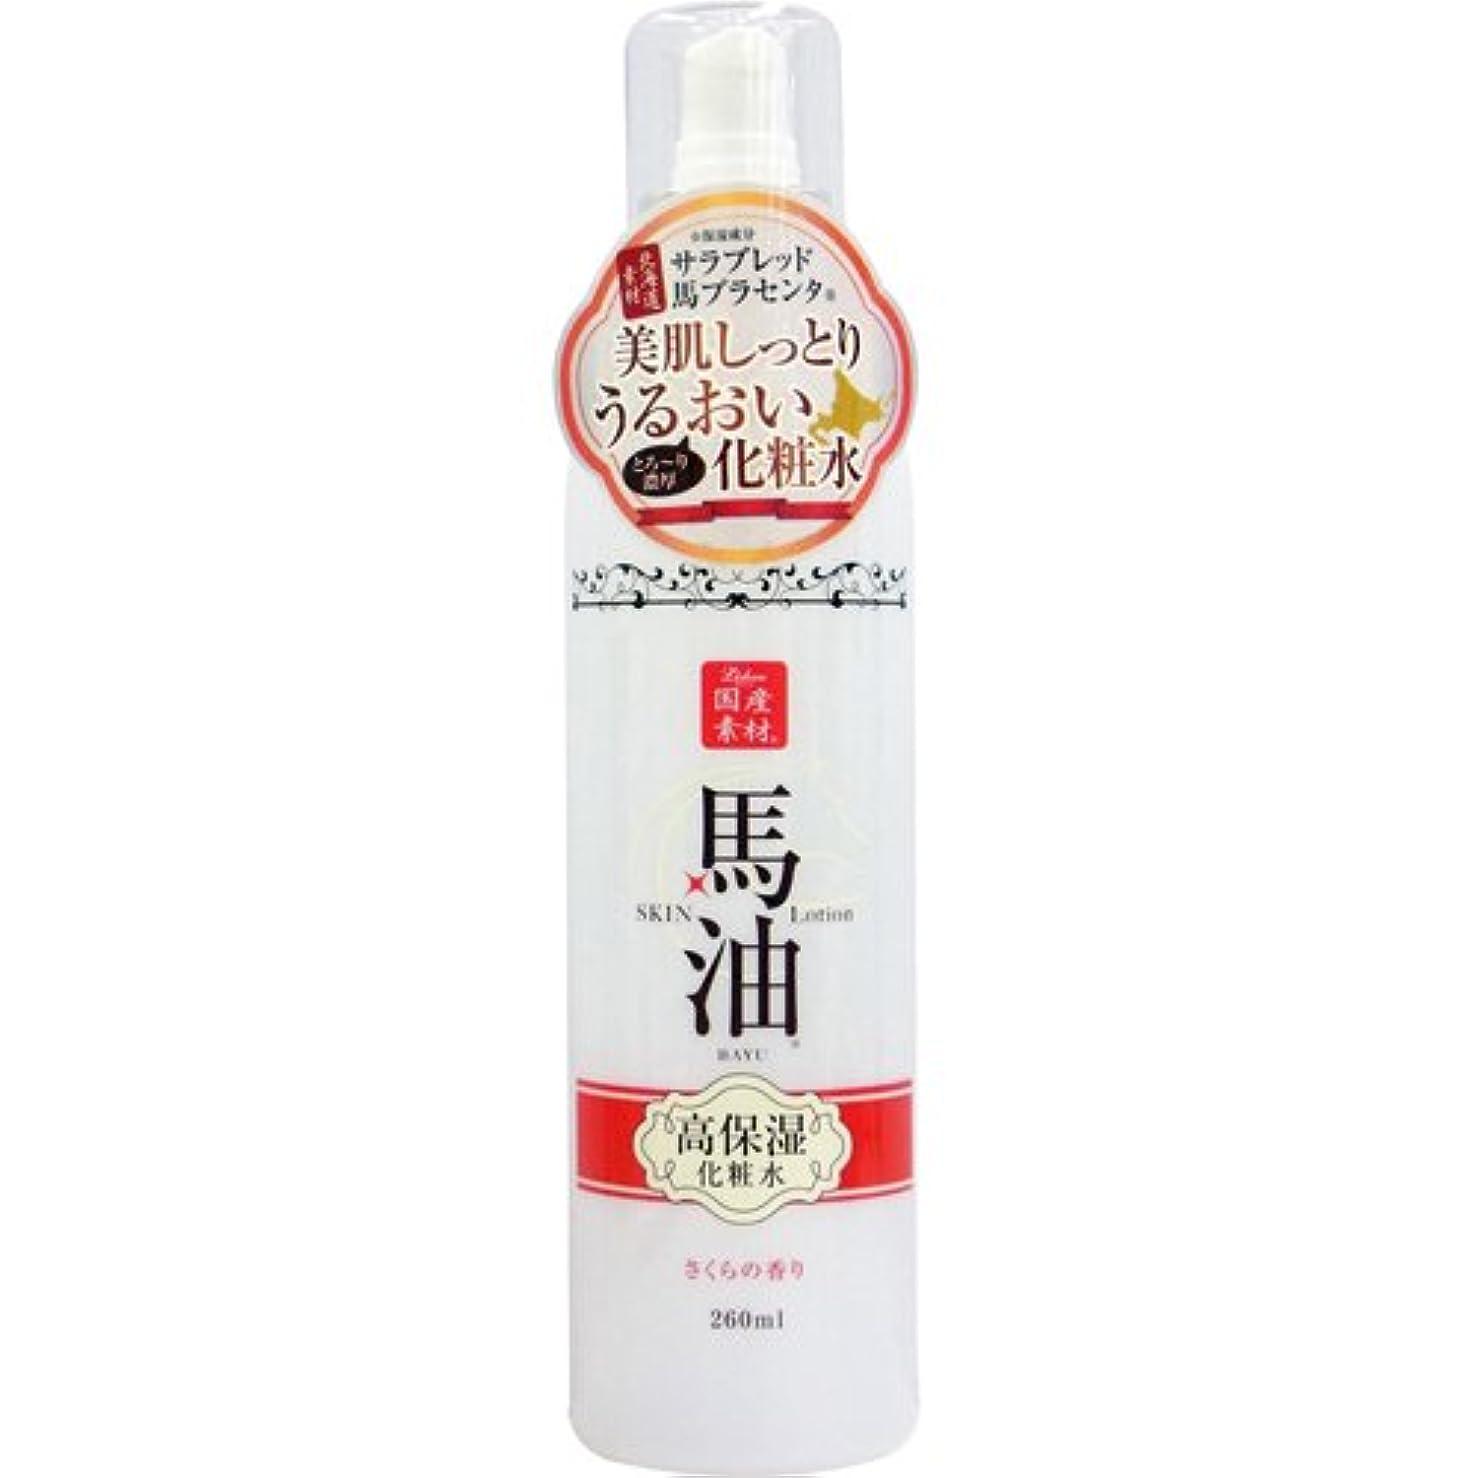 固執湿度縫うリシャン 馬油化粧水 (さくらの香り) (260mL)